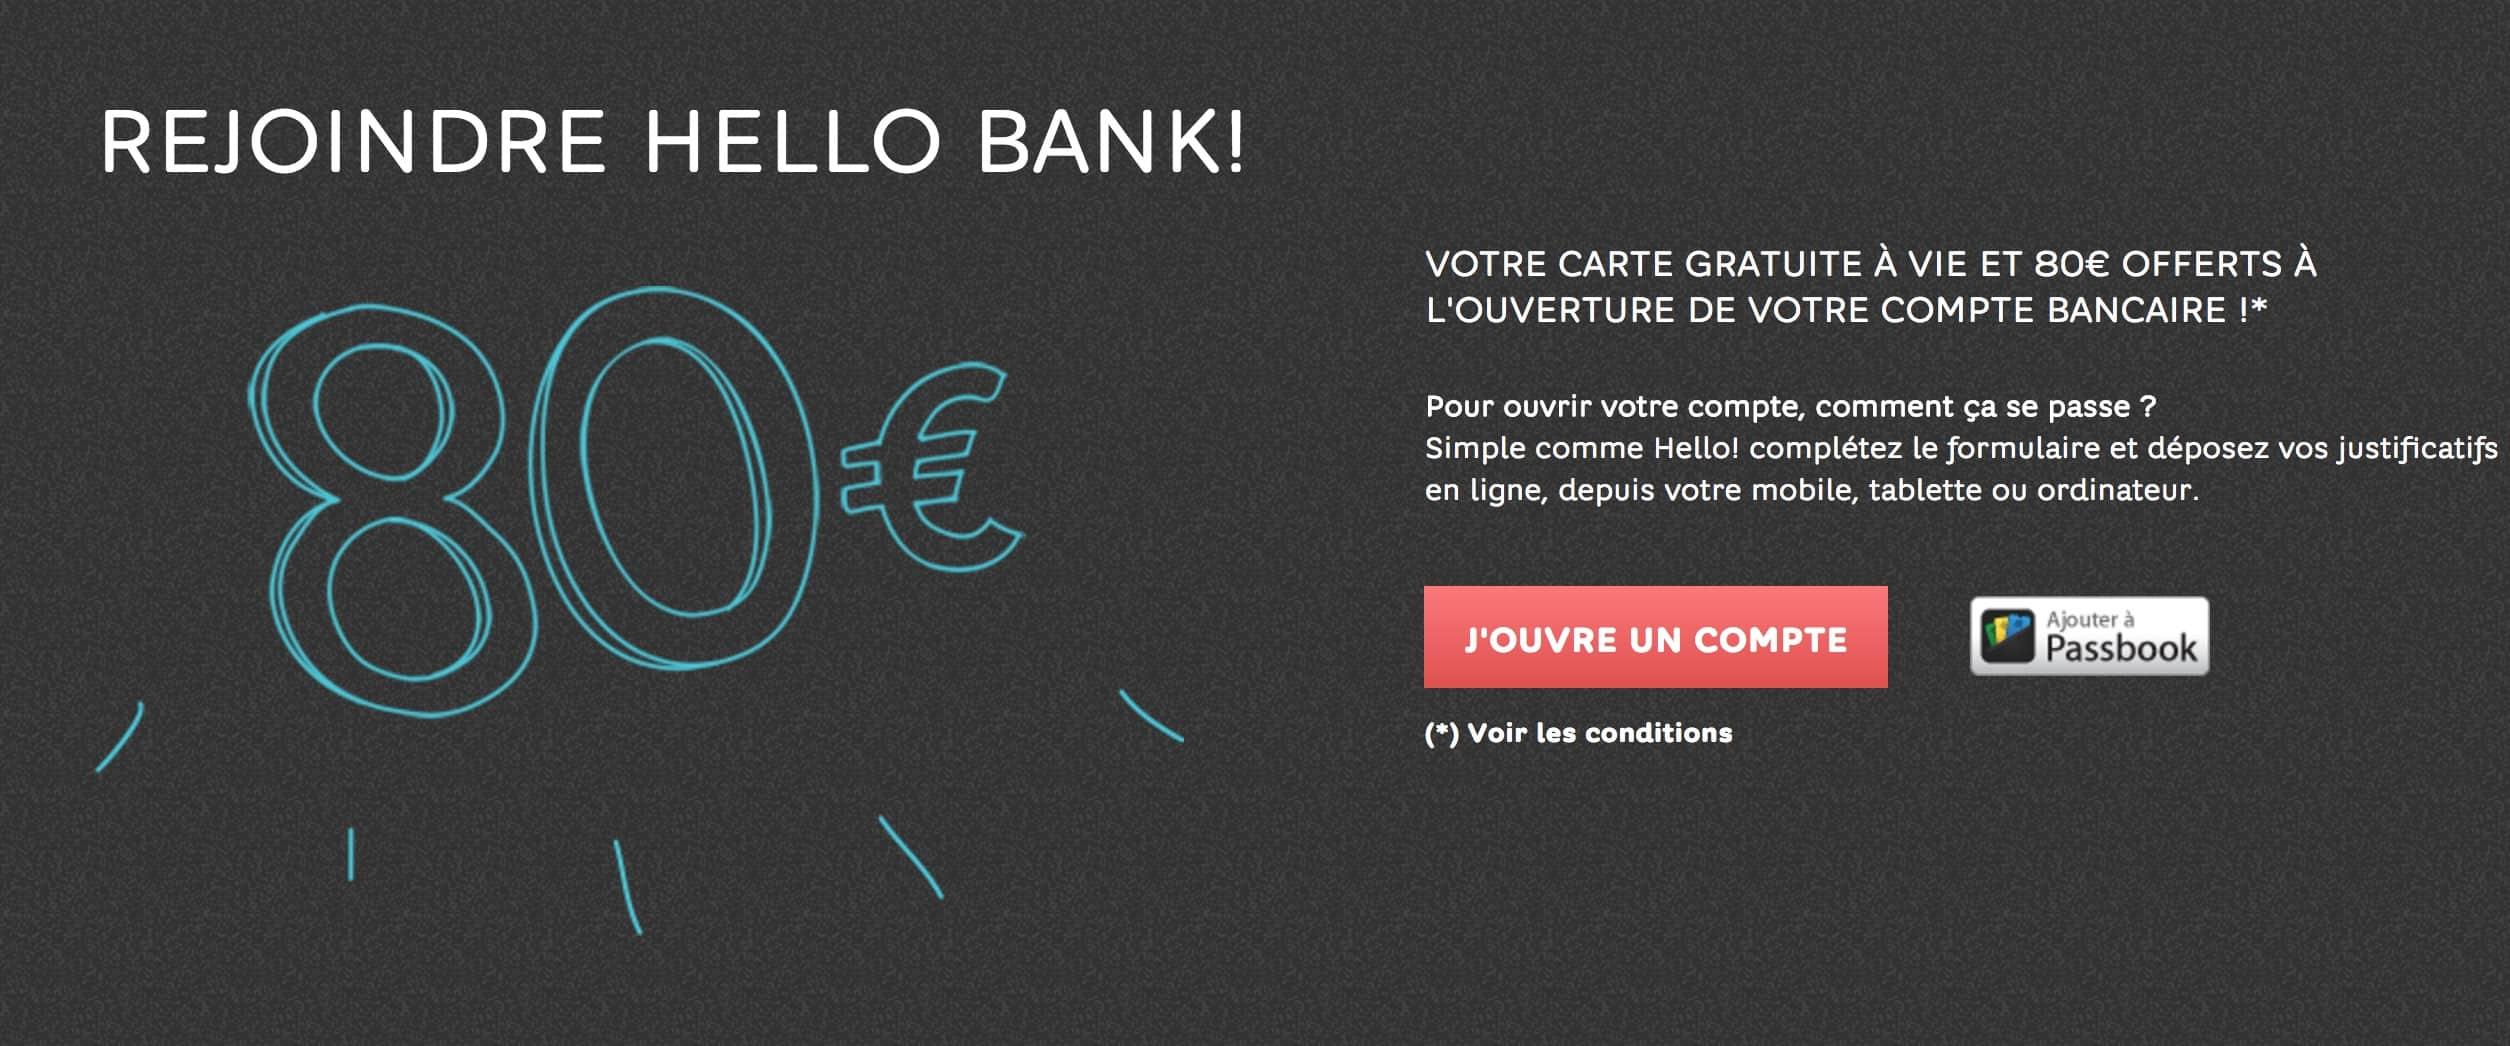 Hello Bank avis: quels sont les frais d'ouverture et de gestion d'un compte courant?